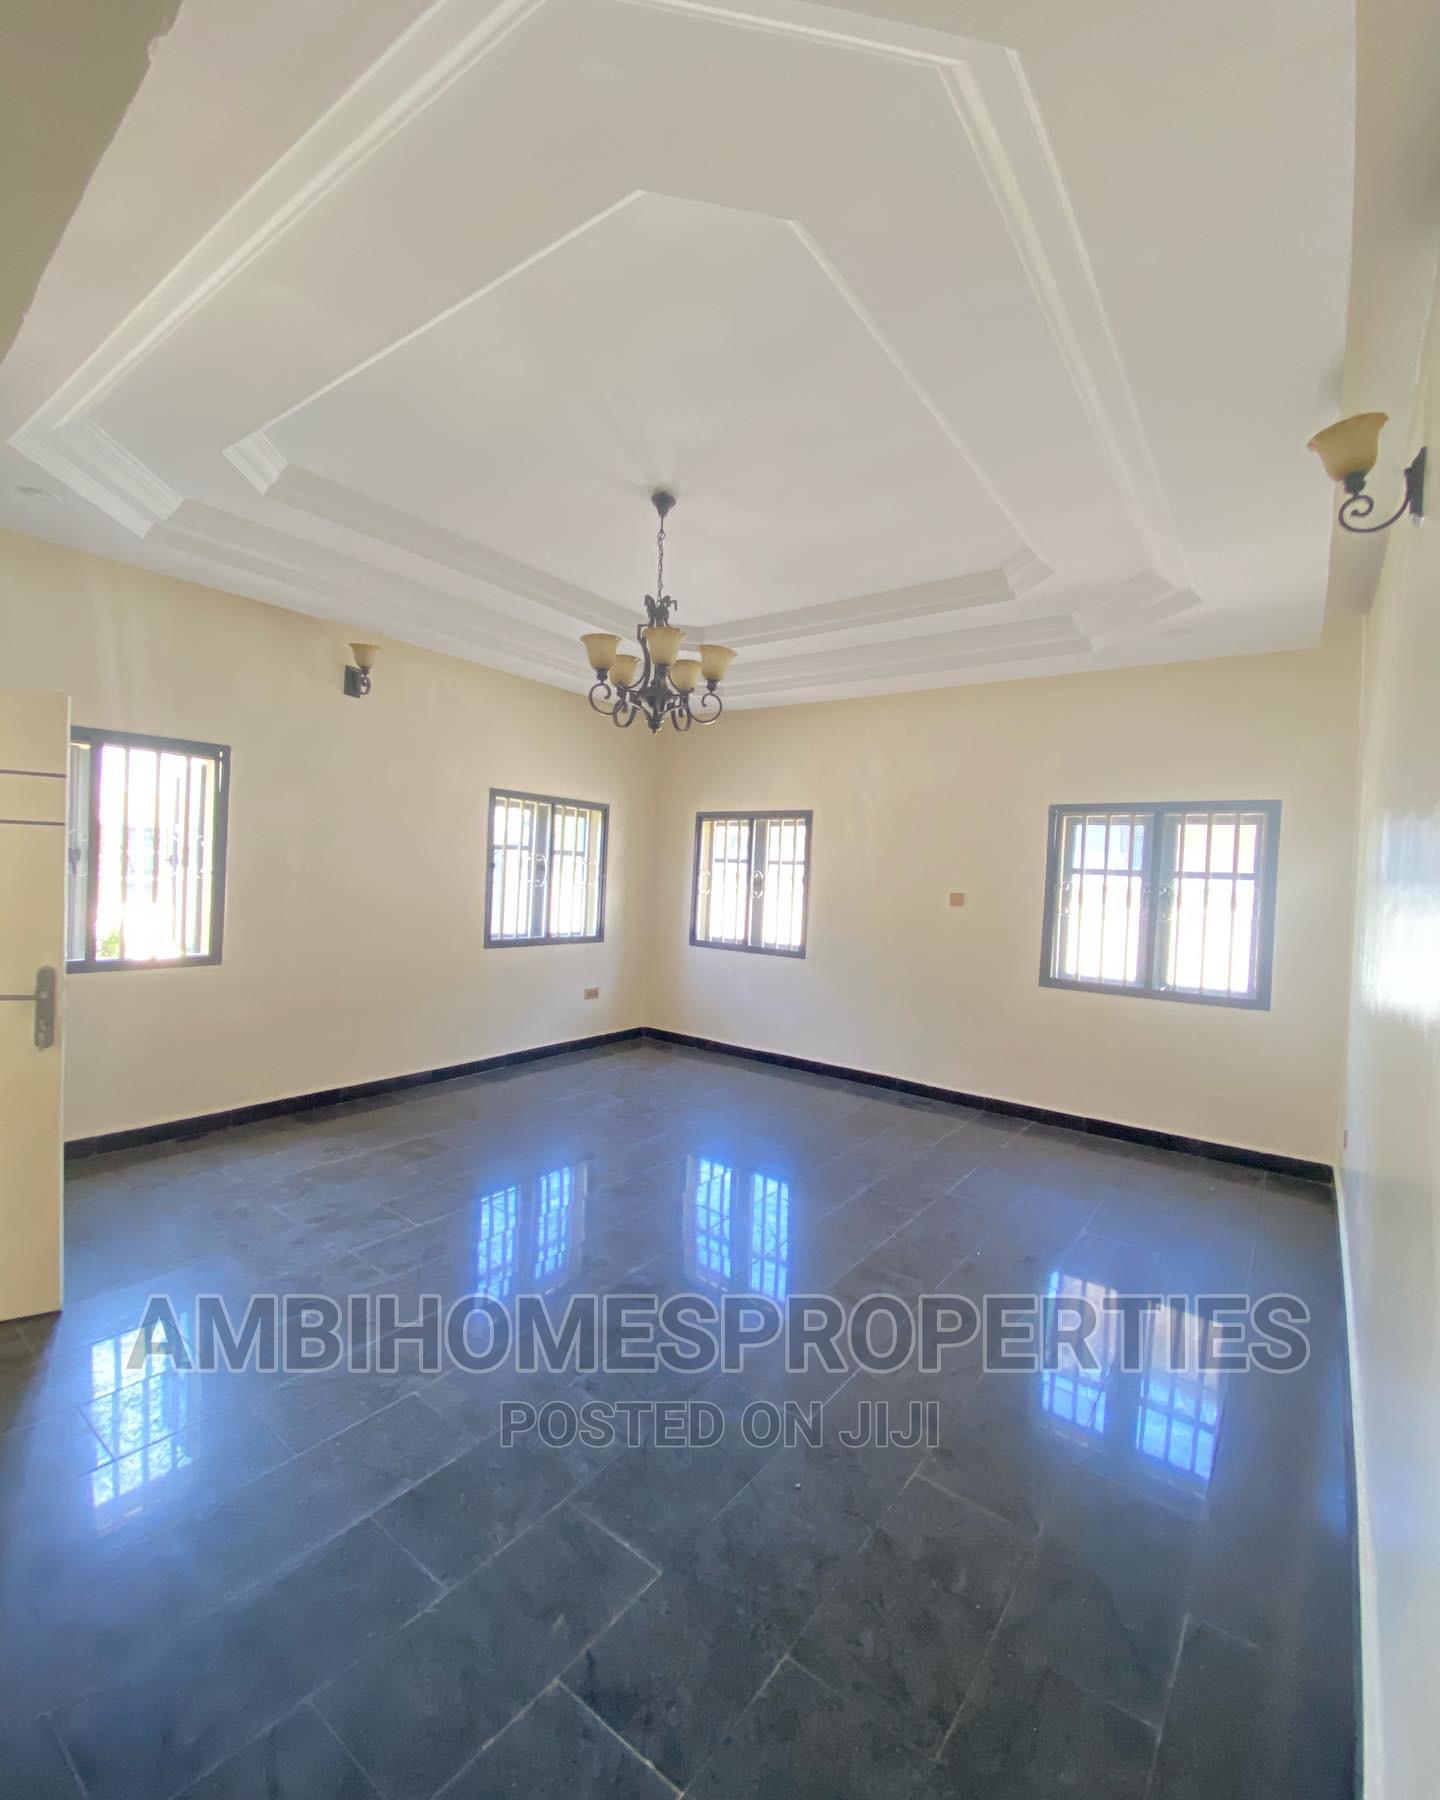 5bdrm Duplex in Chevron Axis, Lekki for Sale   Houses & Apartments For Sale for sale in Lekki, Lagos State, Nigeria